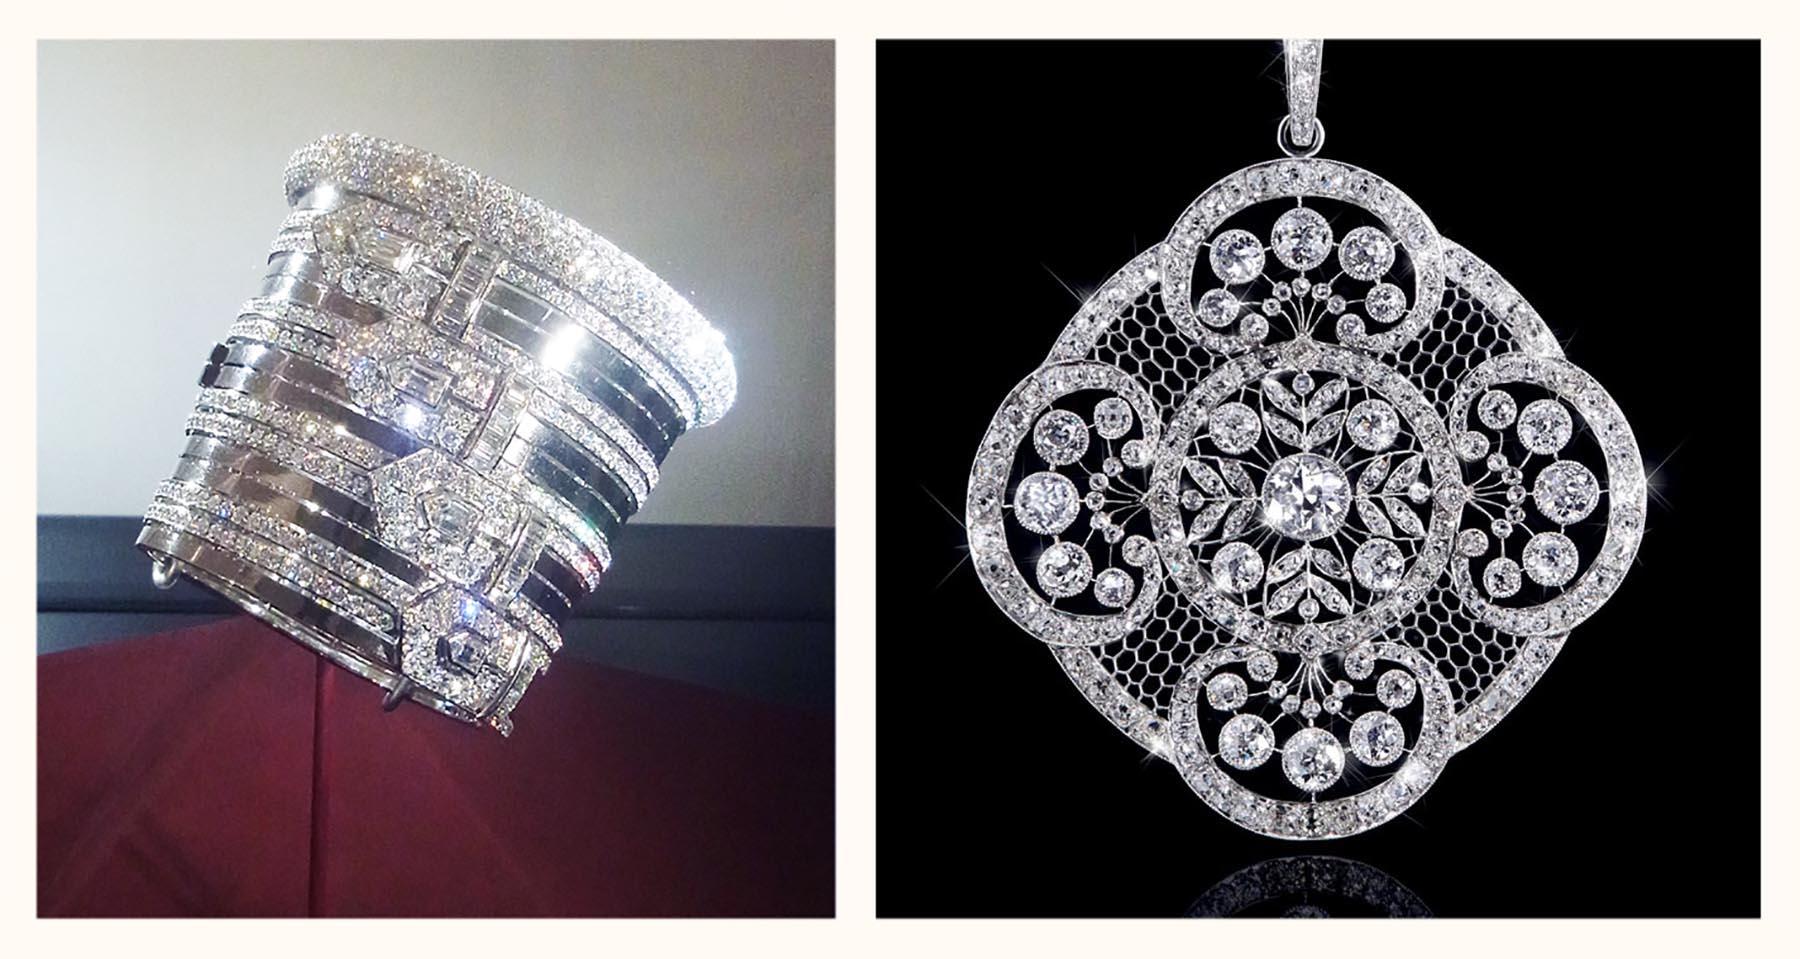 ラクロッシュ バングル ペンダント ダイヤモンドジュエリーメゾン フランス パリ